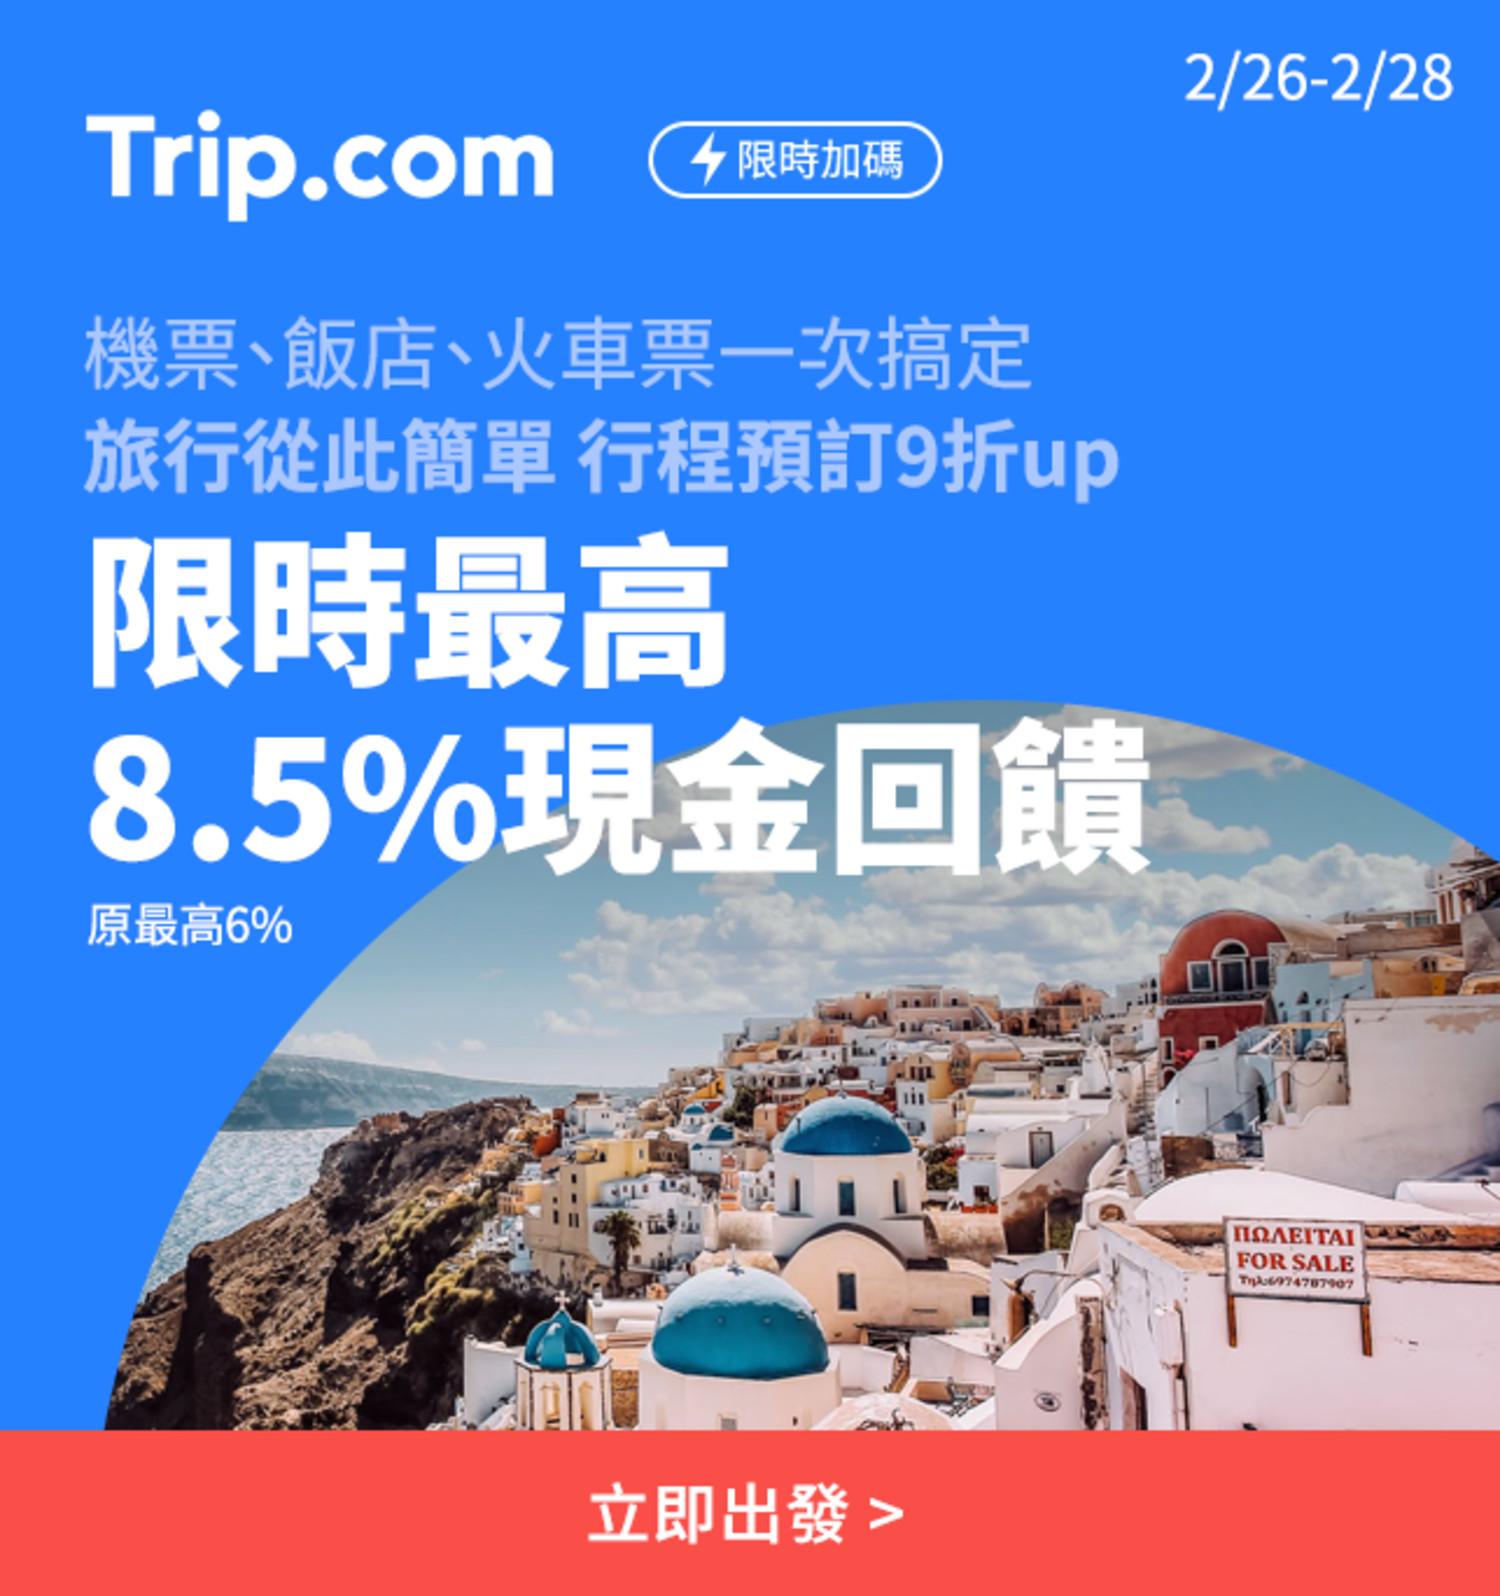 Trip.com 2/27-2/28 加碼